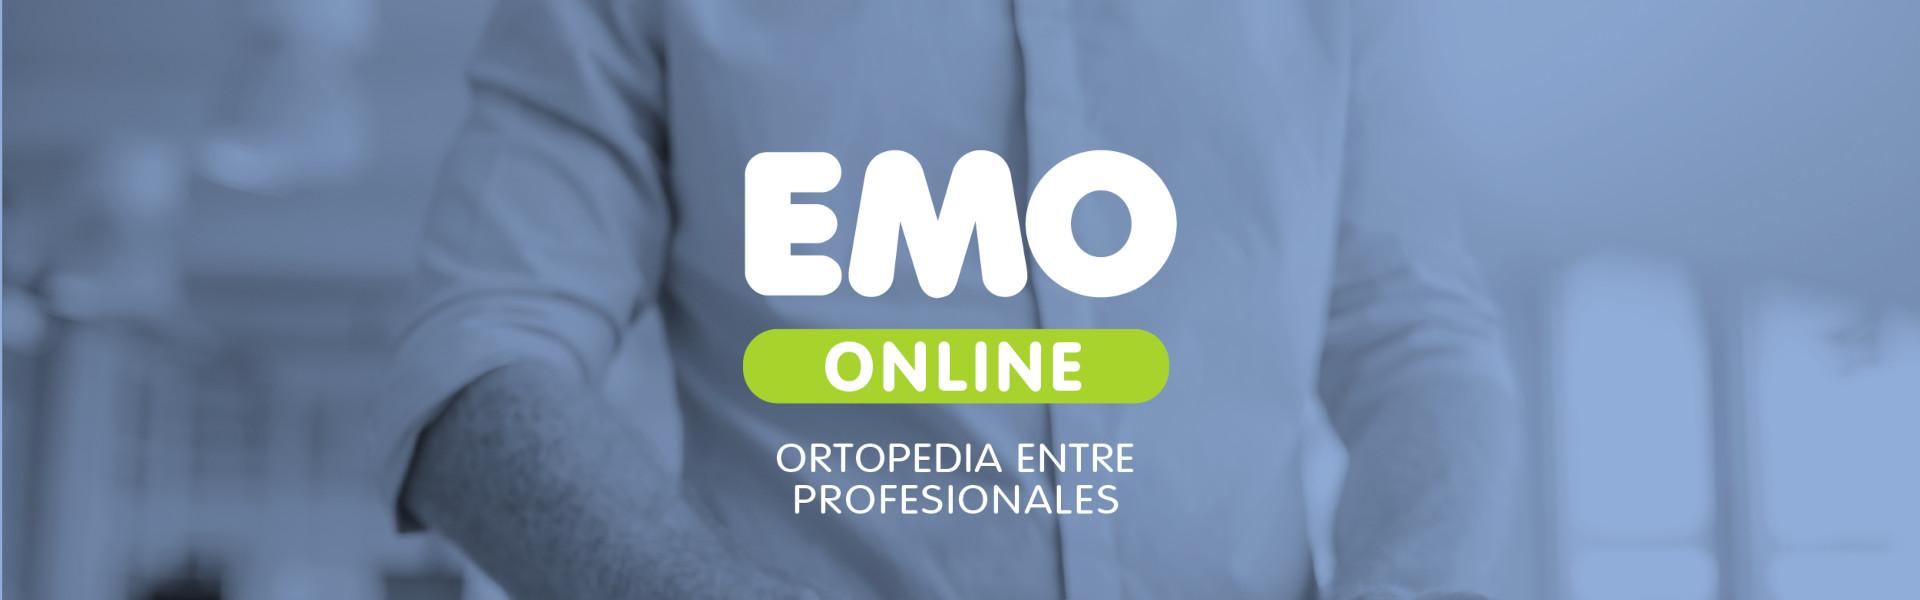 Slider EMO Online